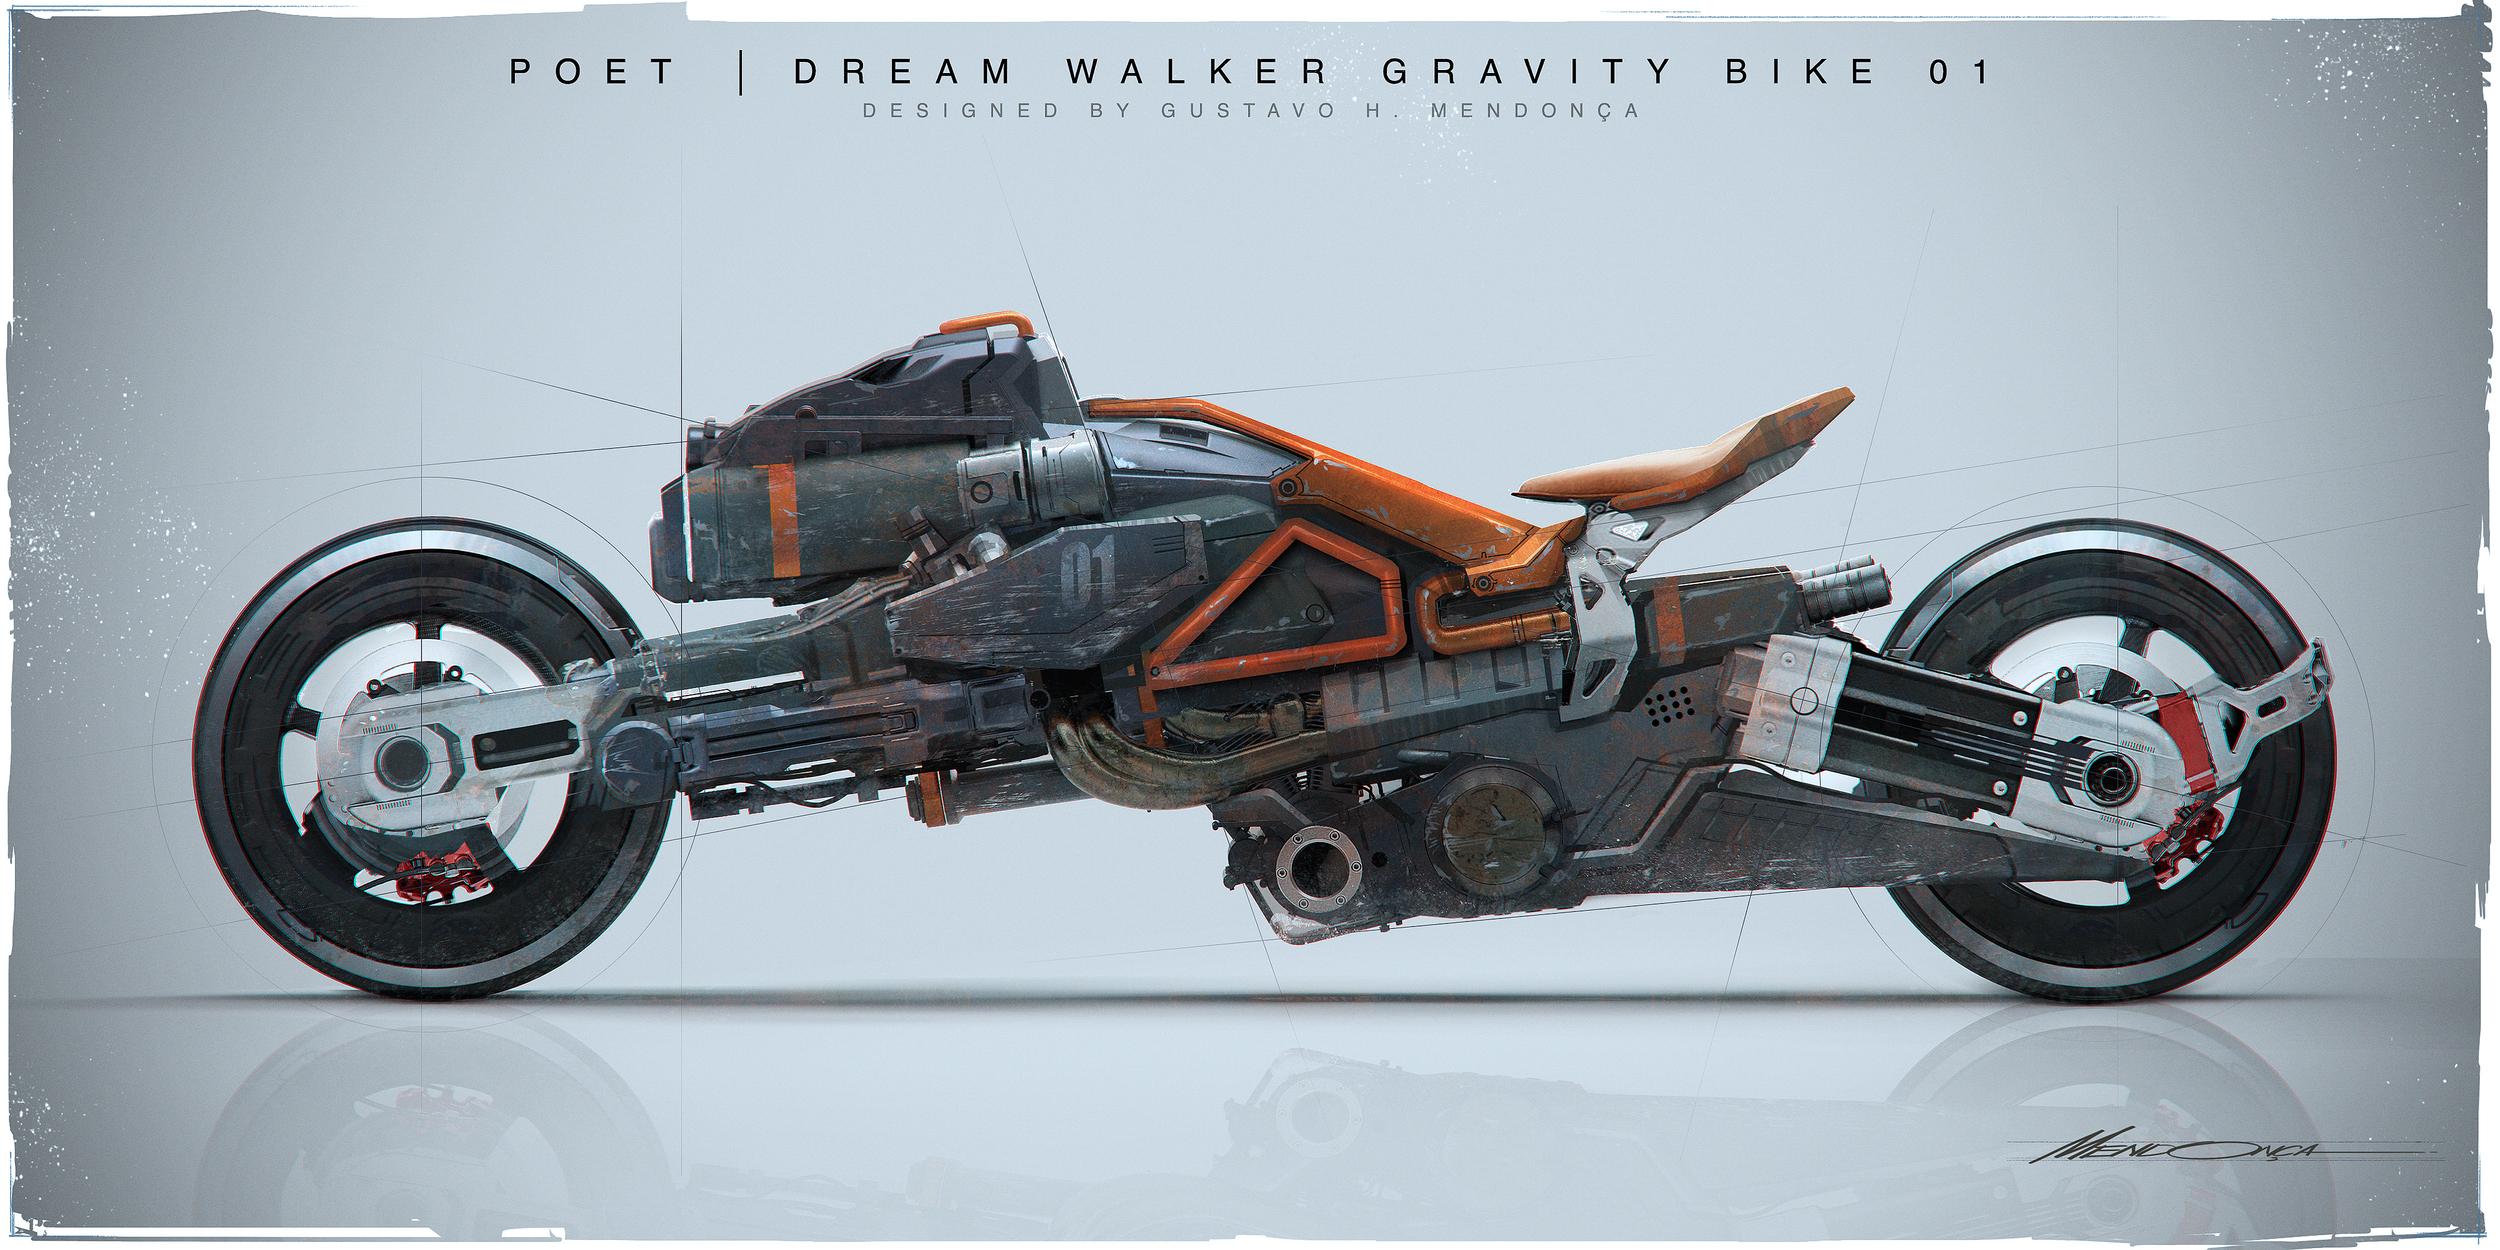 09_GM_Gravitybike_Hero_01.jpg